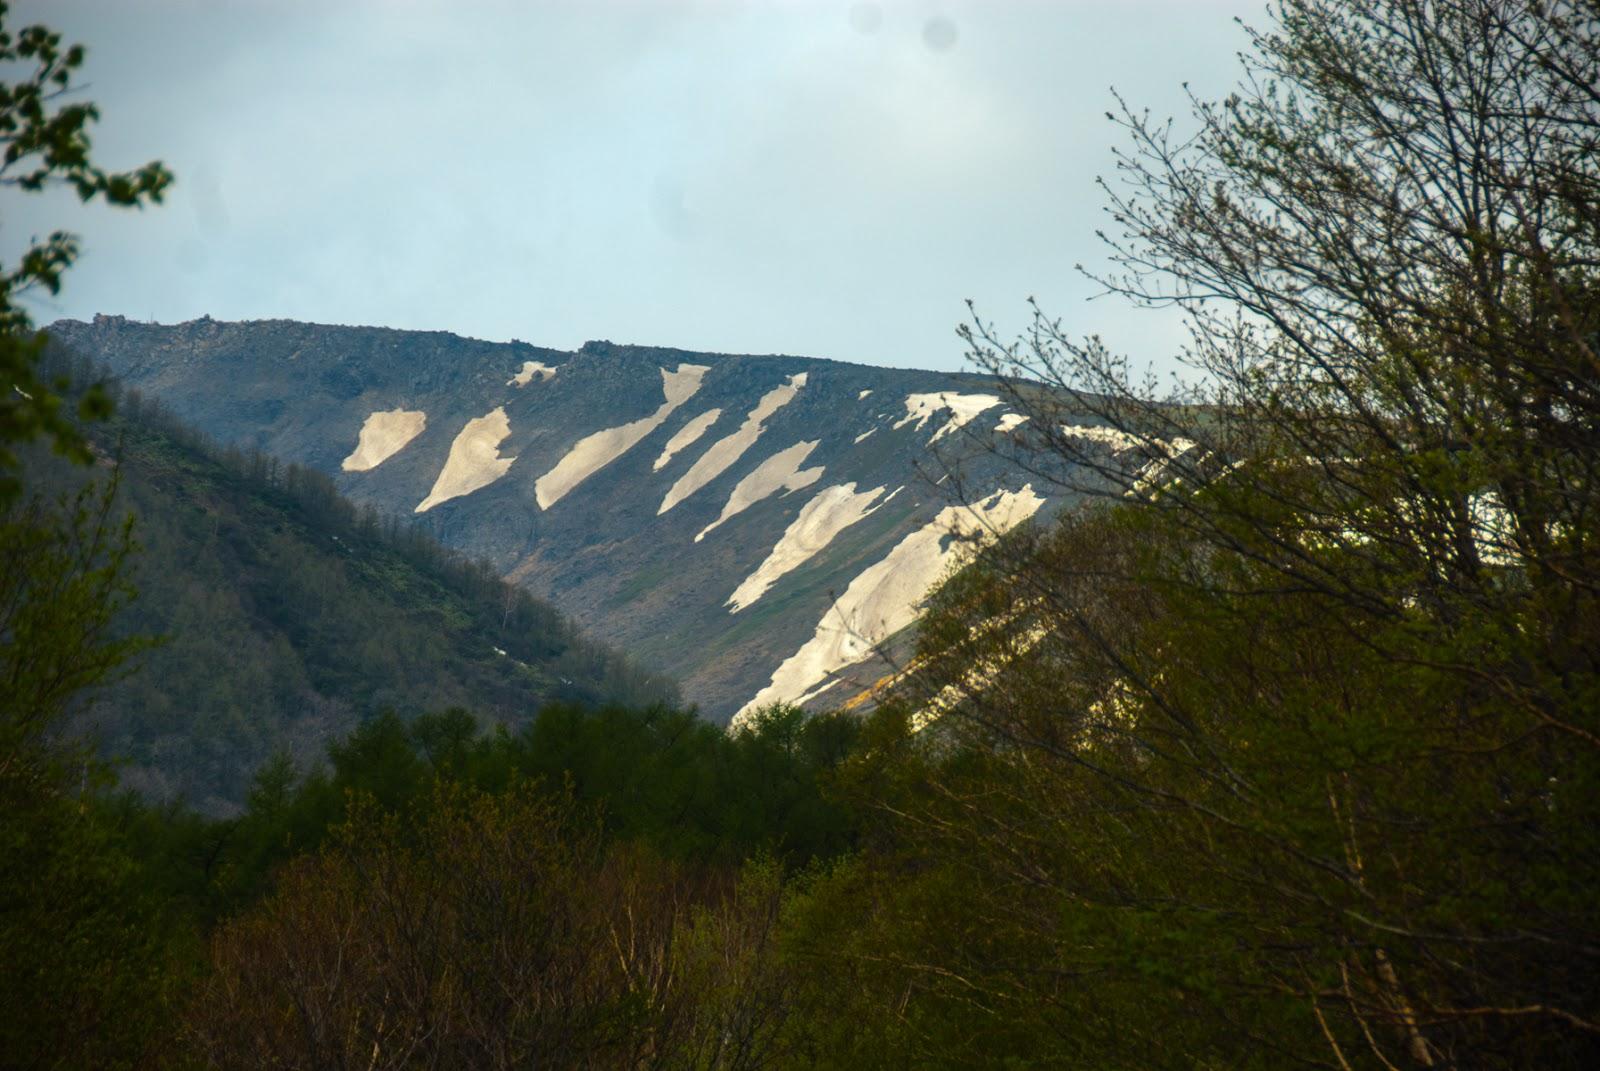 雪が残った山